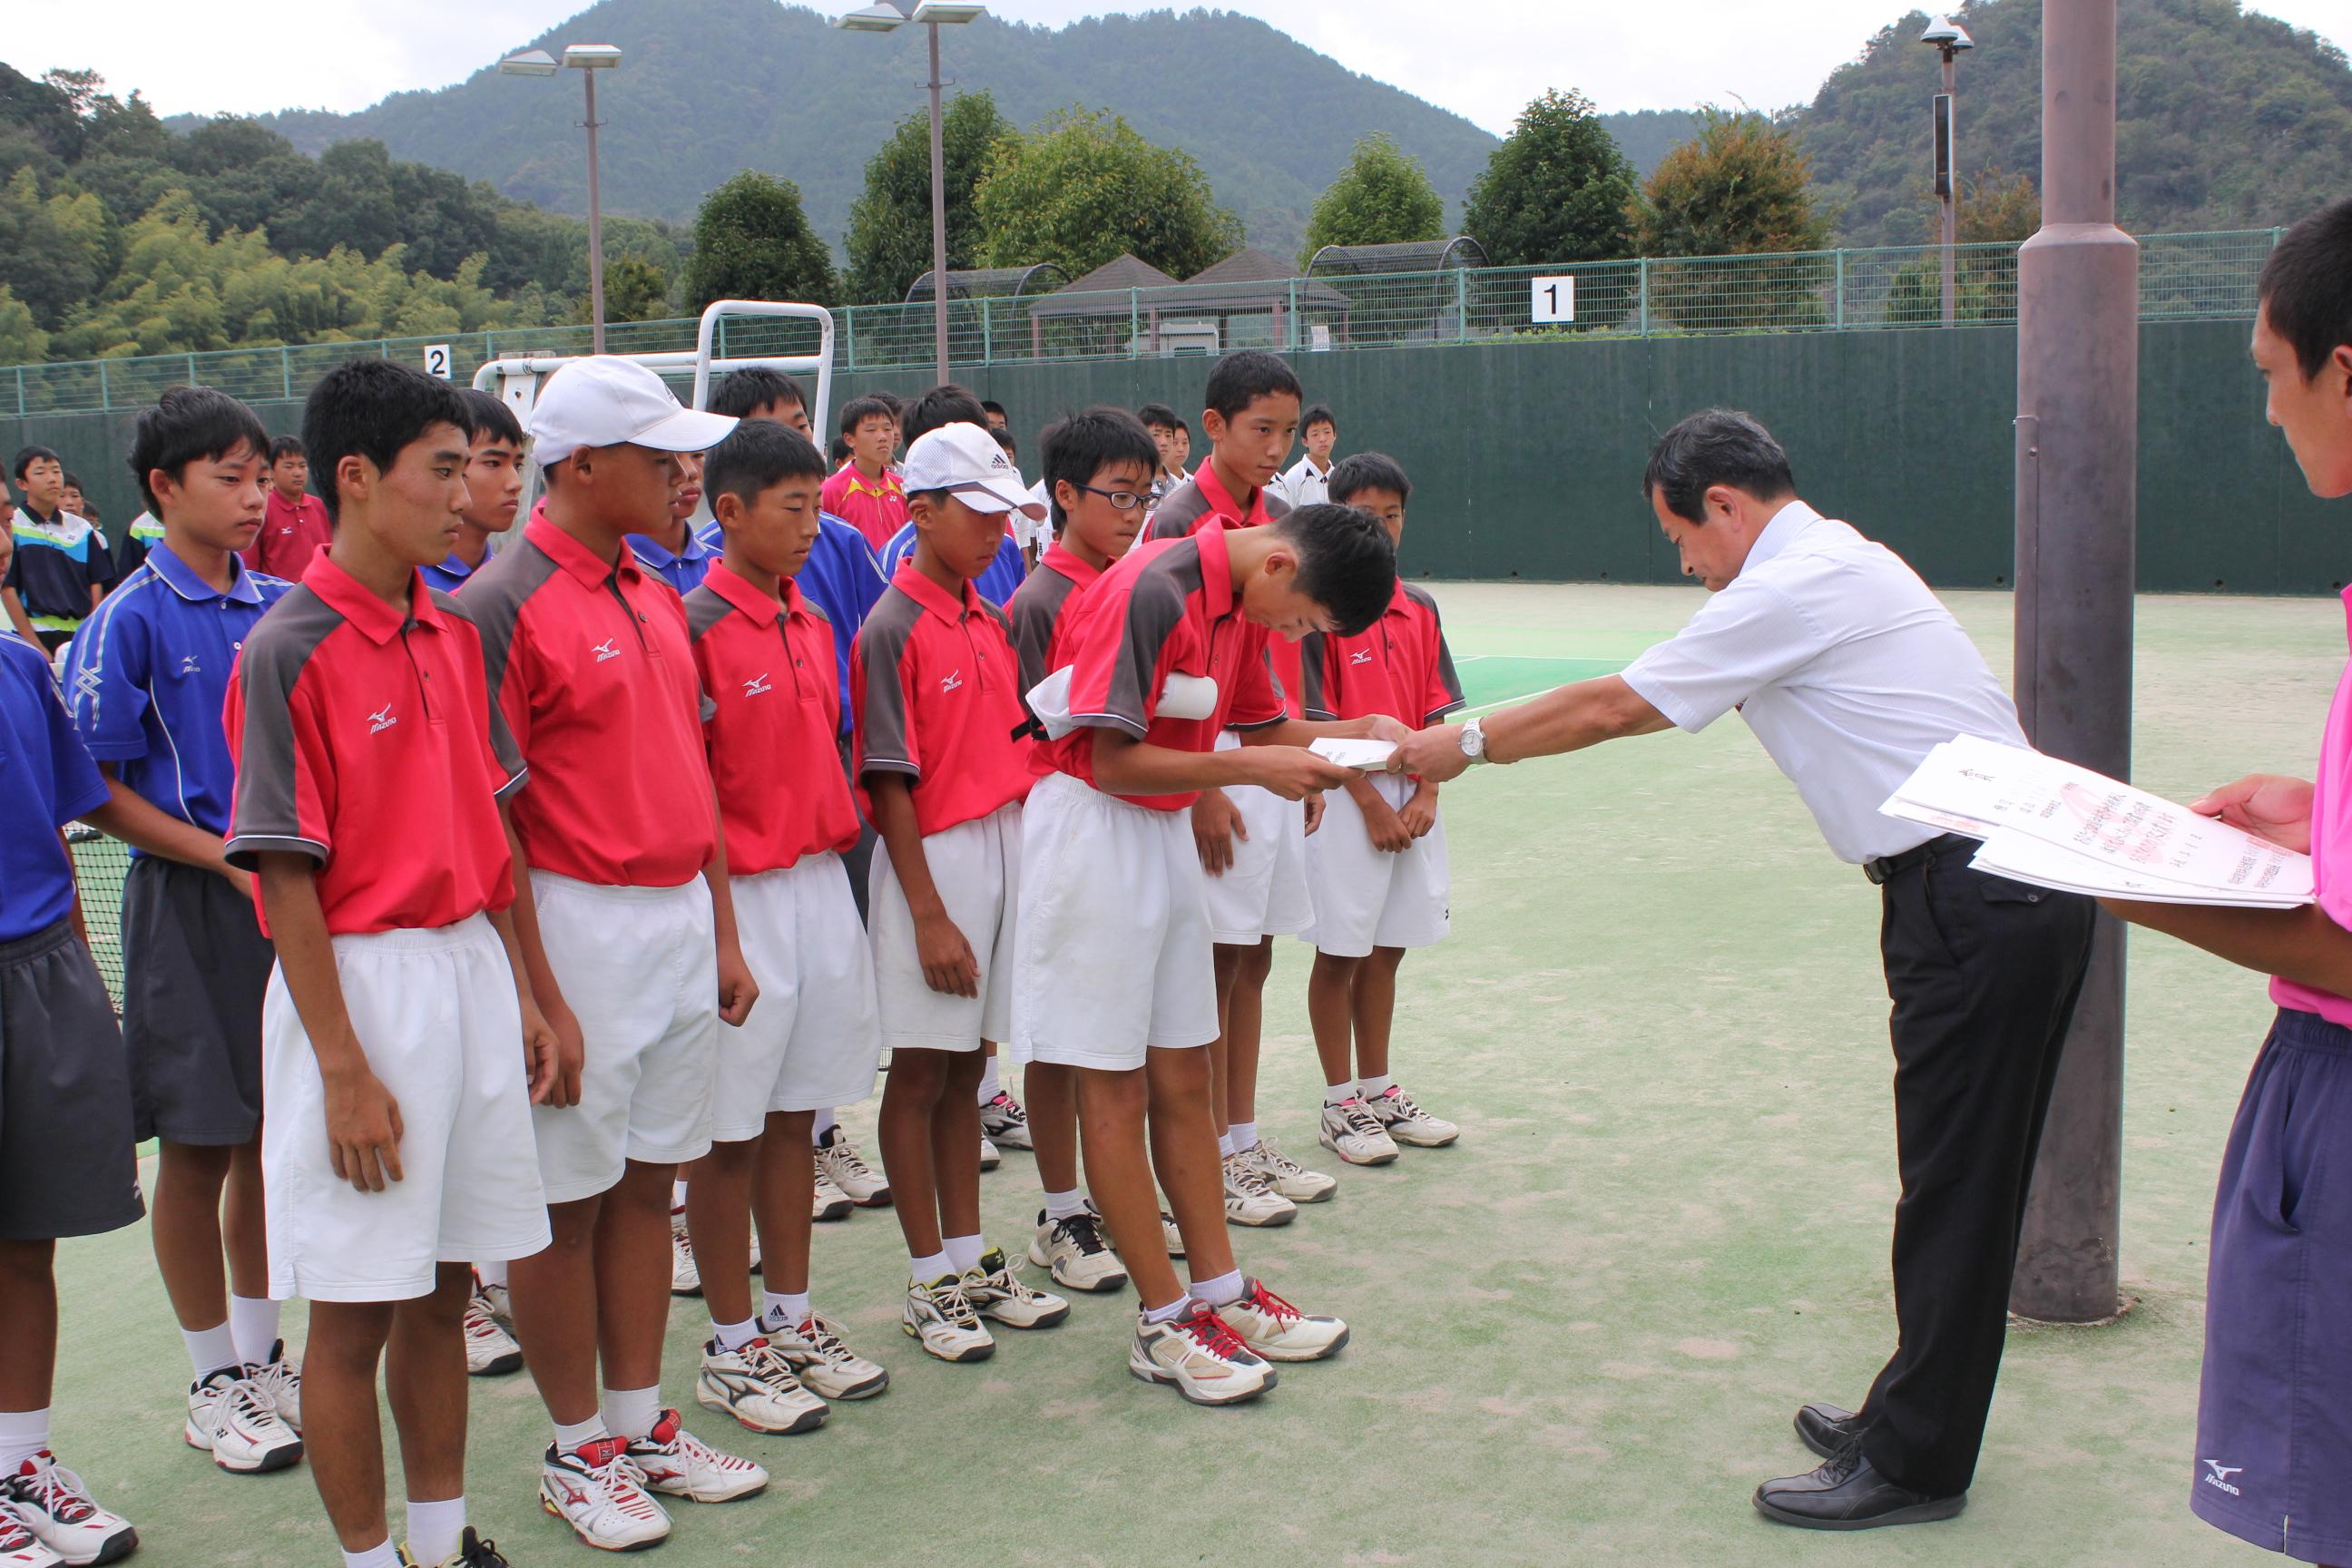 ソフトテニス (28)